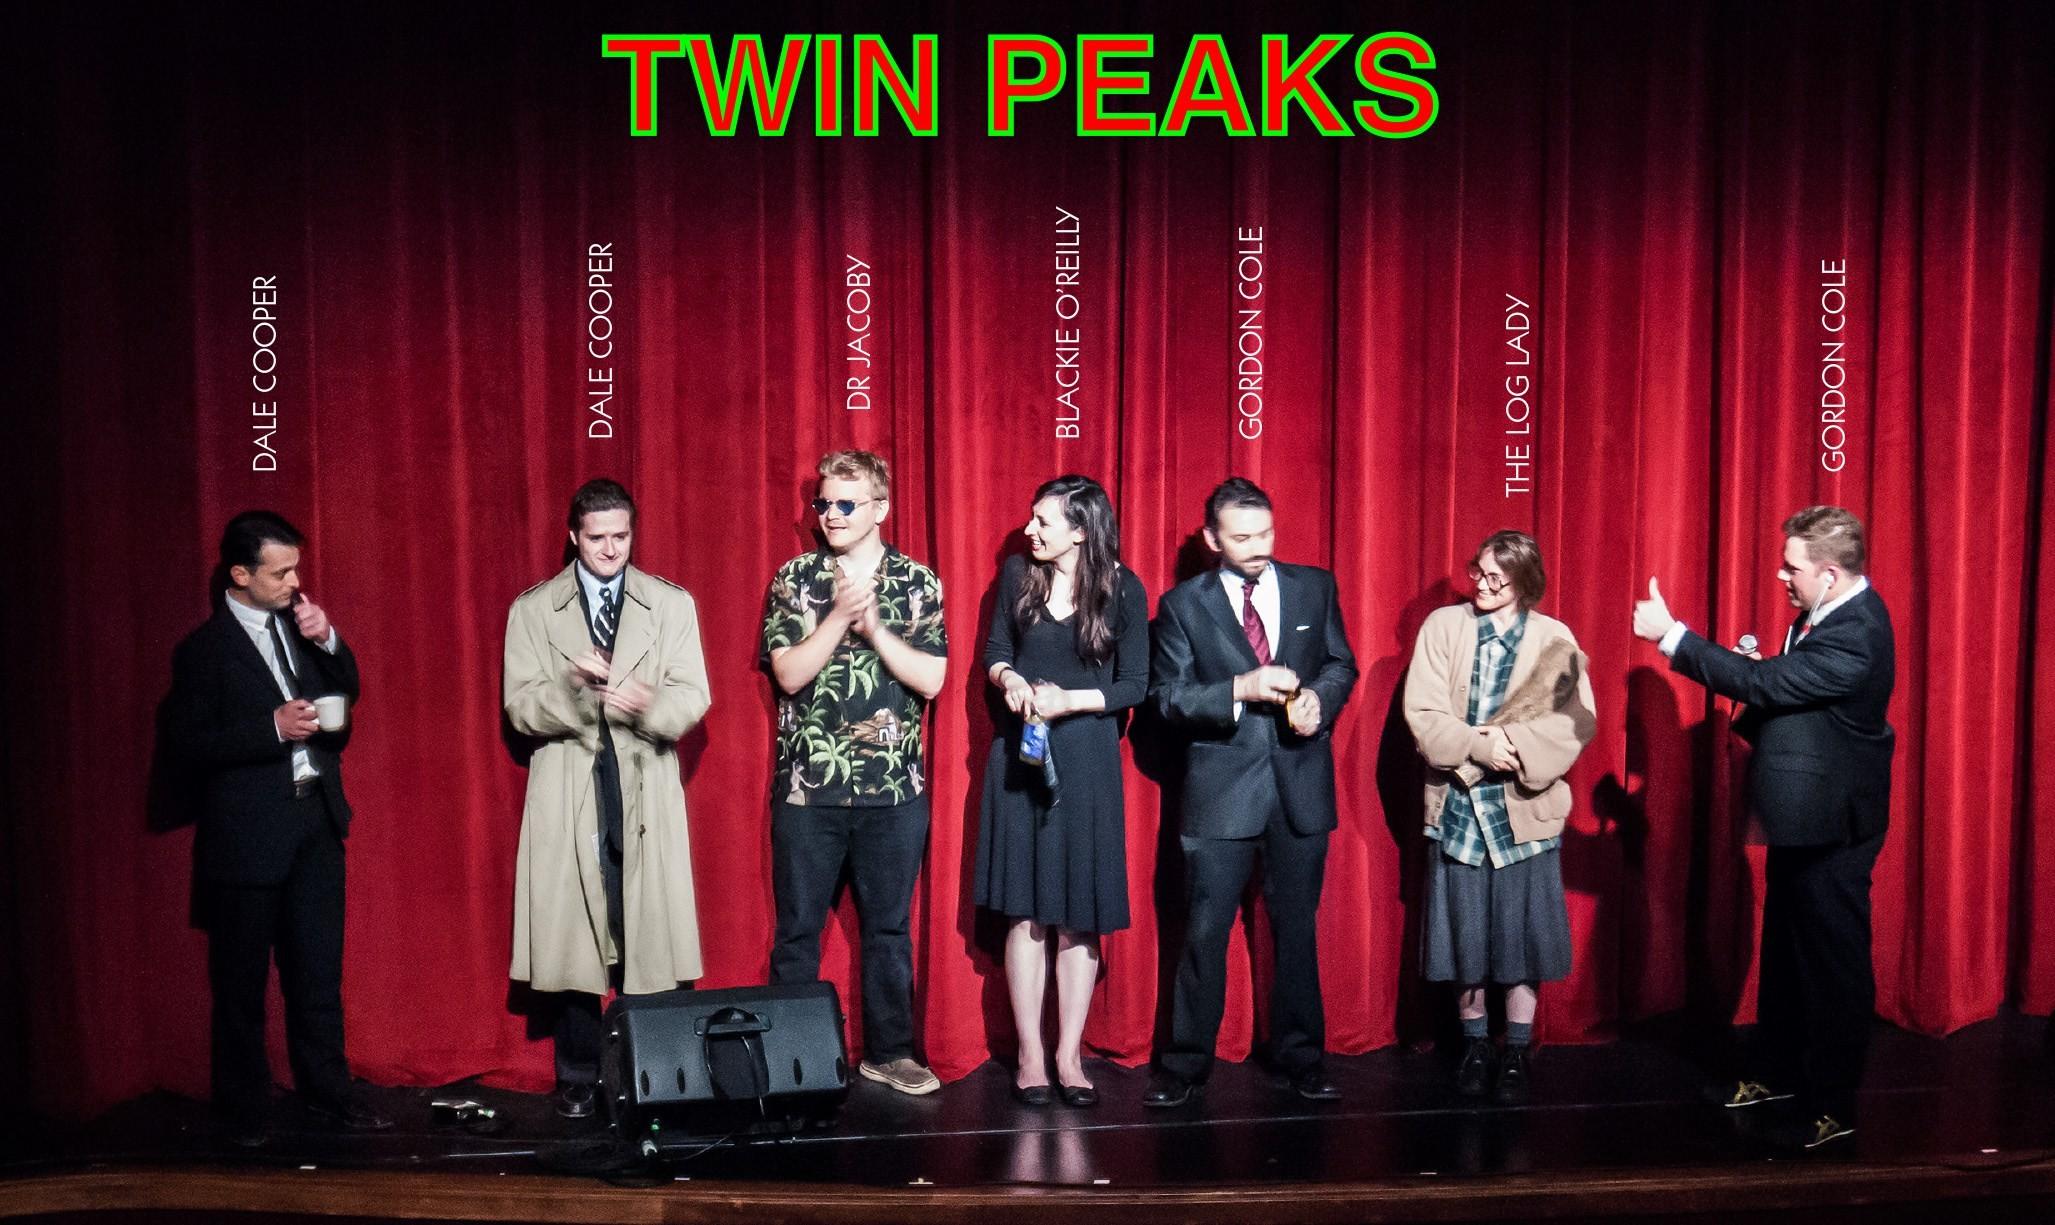 … twin peaks wallpaper 1920×1080 wallppapers gallery …